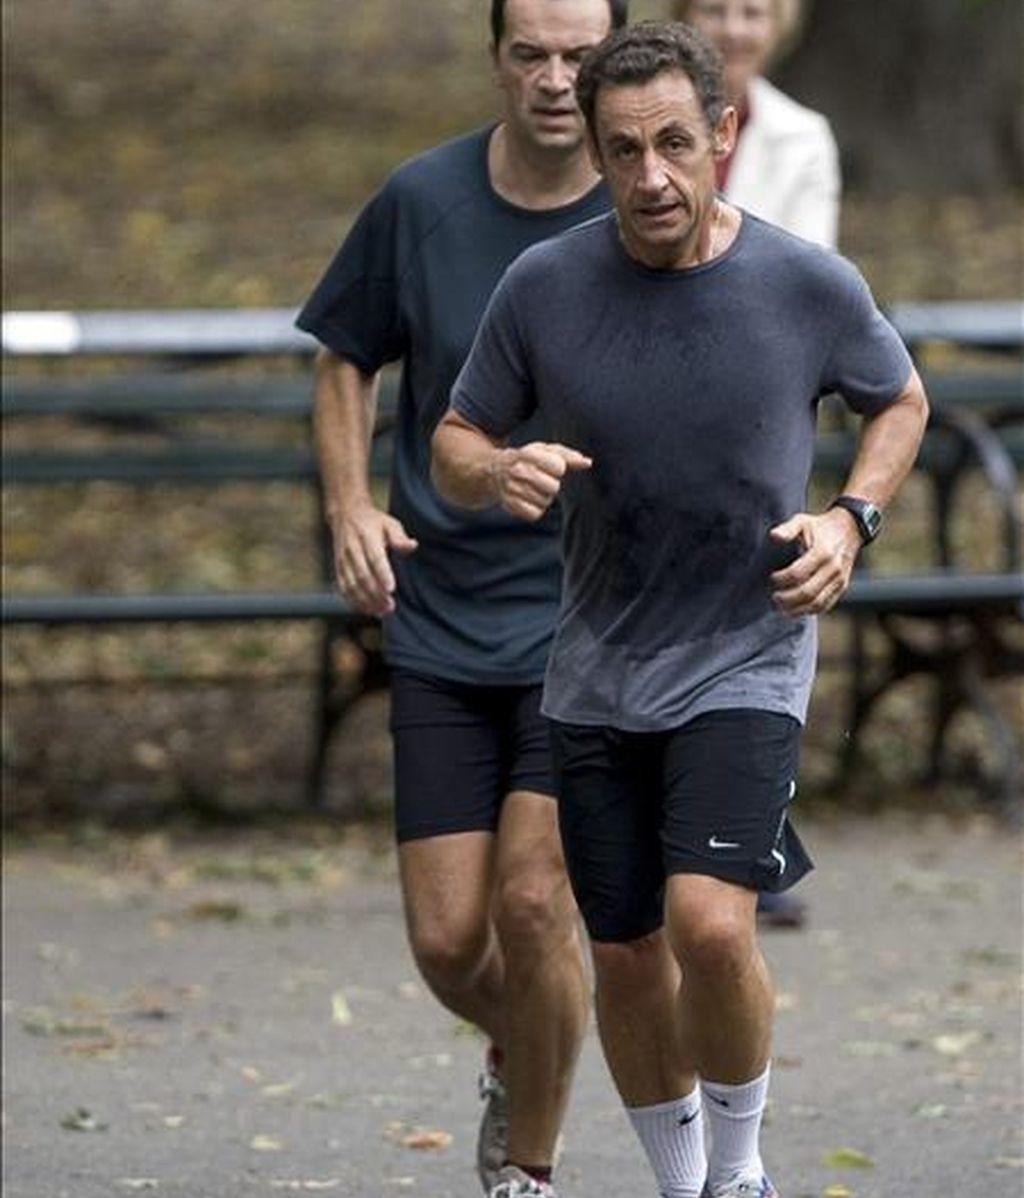 El presidente francés, Nicolás Sarkozy (d), haciendo deporte en Central Park, en Nueva York (EE.UU.). EFE/Archivo